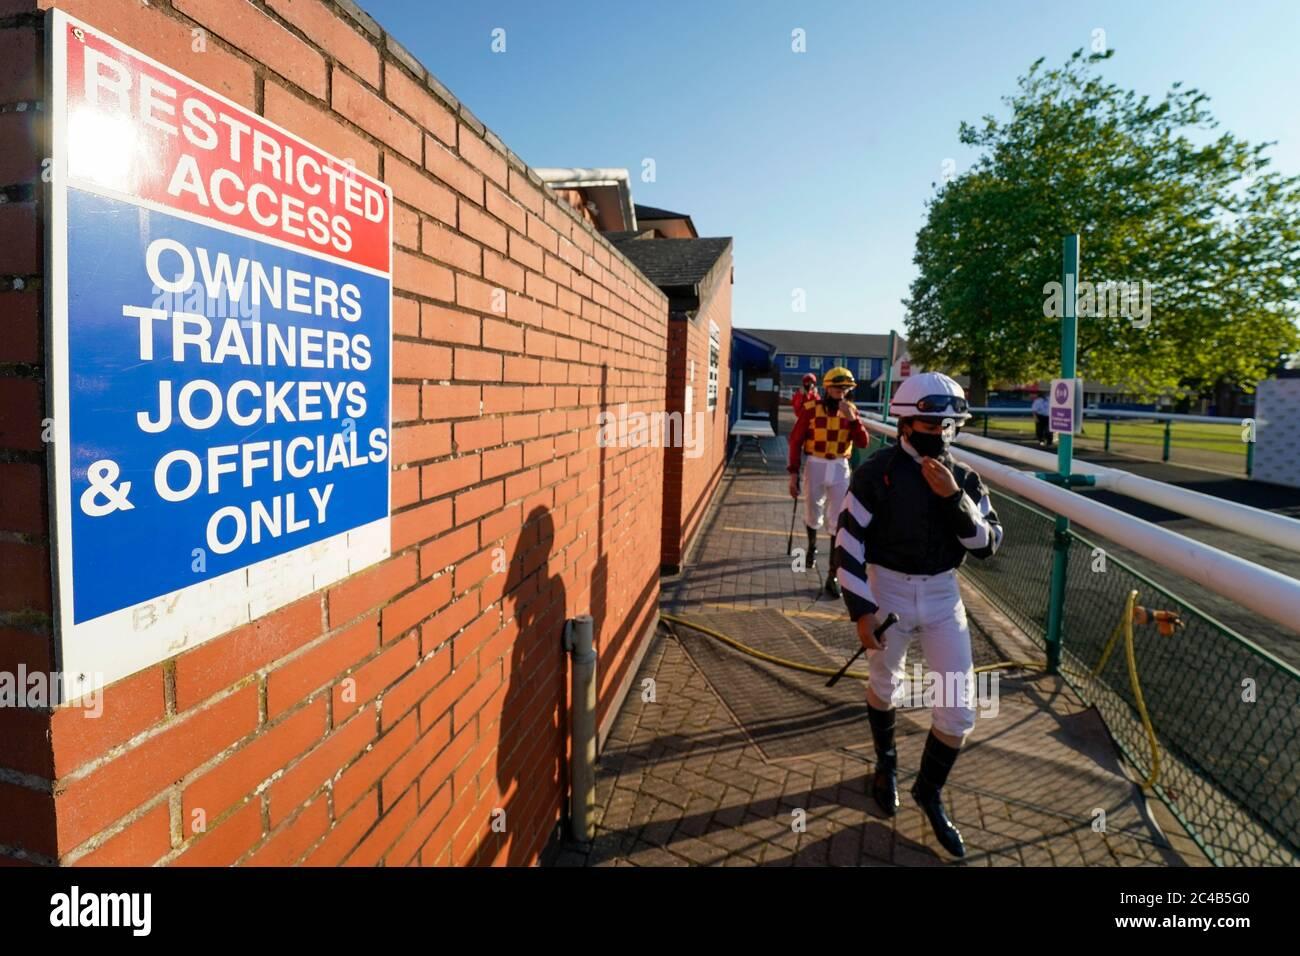 Ein allgemeiner Blick, als Jockeys den Wägeraum verlassen und sich auf den Weg zum Paradering auf der Leicester Racecourse machen. Stockfoto